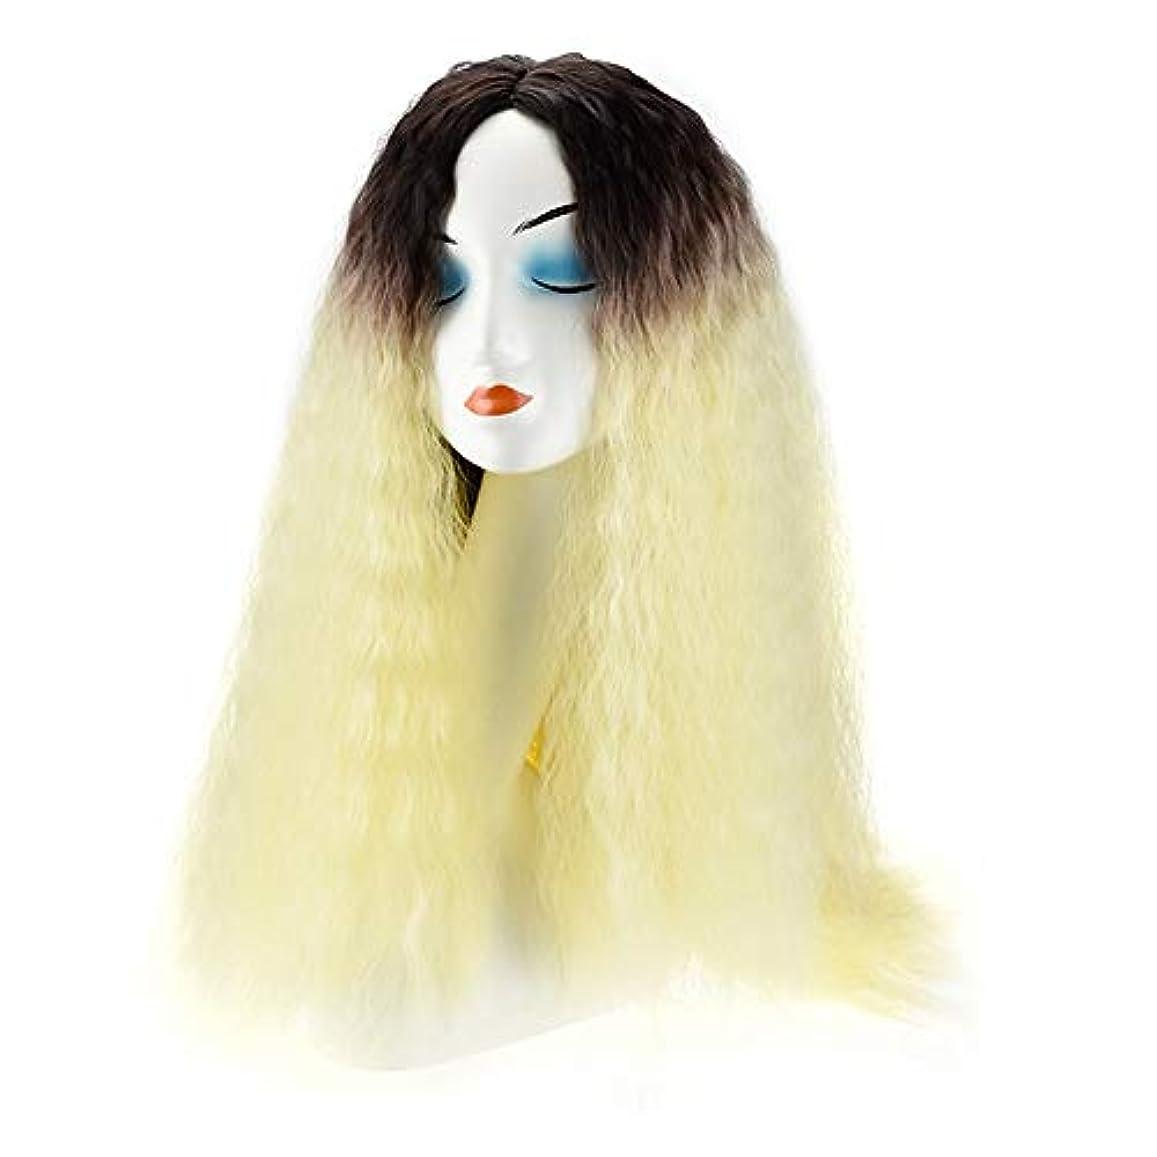 嵐選択休暇WASAIO スタイル交換繊維合成ビッグウェーブロングヘア用20インチブロンド変態ストレートコーンホットウィッグファッションアクセサリー (色 : Blonde)